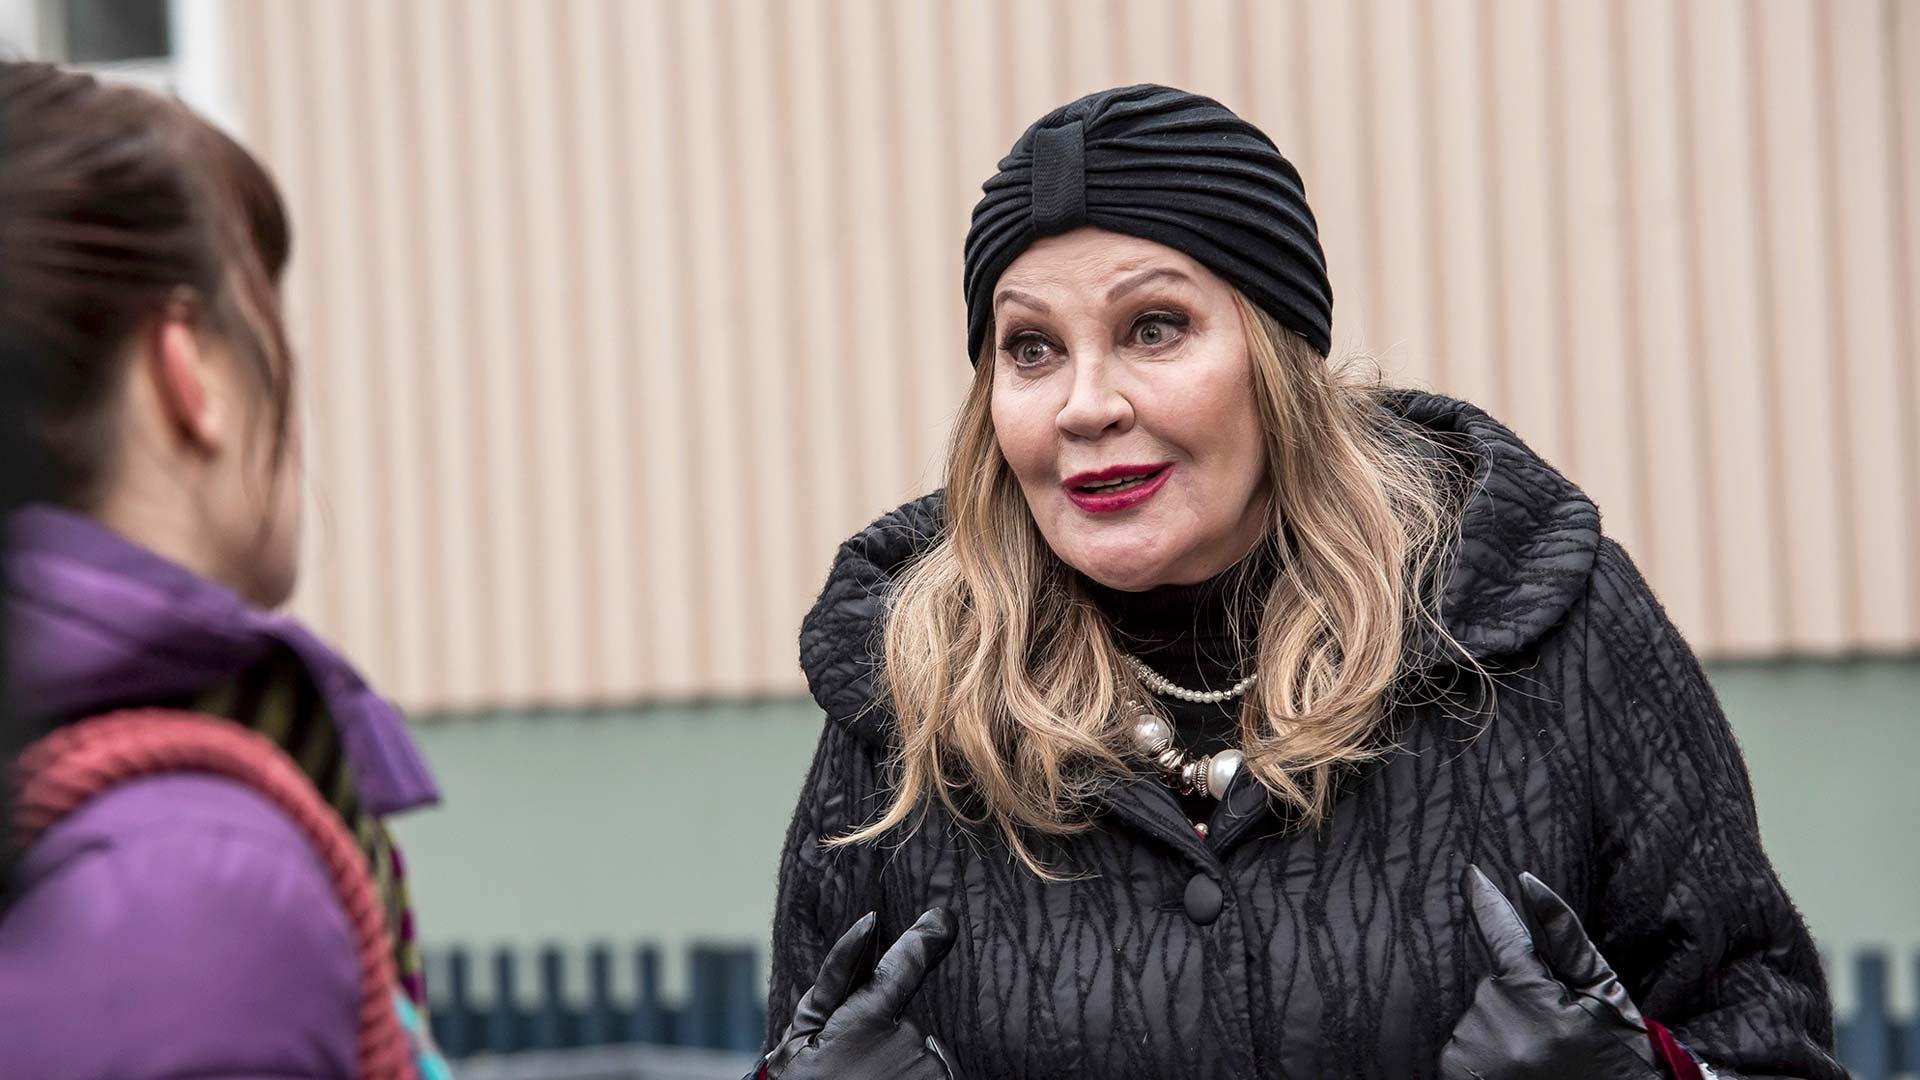 Hannele Lauri komediasarjassa Ei haukku haavaa tee.